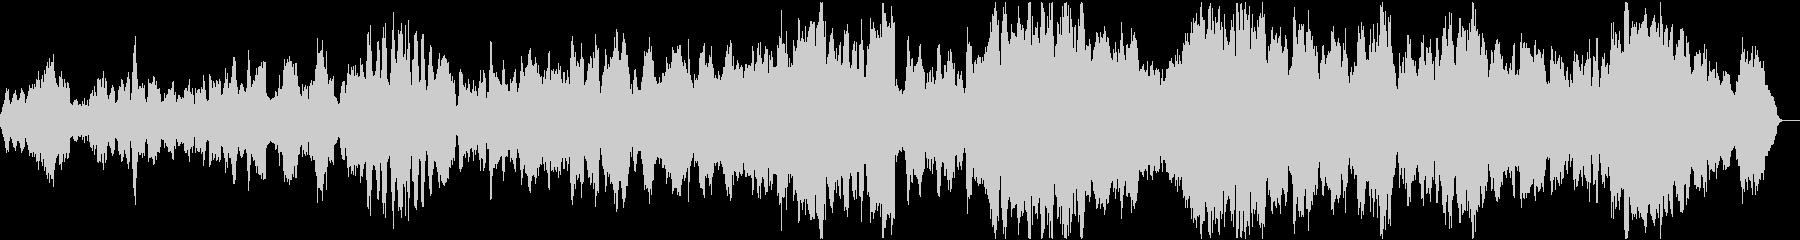 バッハ平均律クラヴィーア曲集カルテット2の未再生の波形